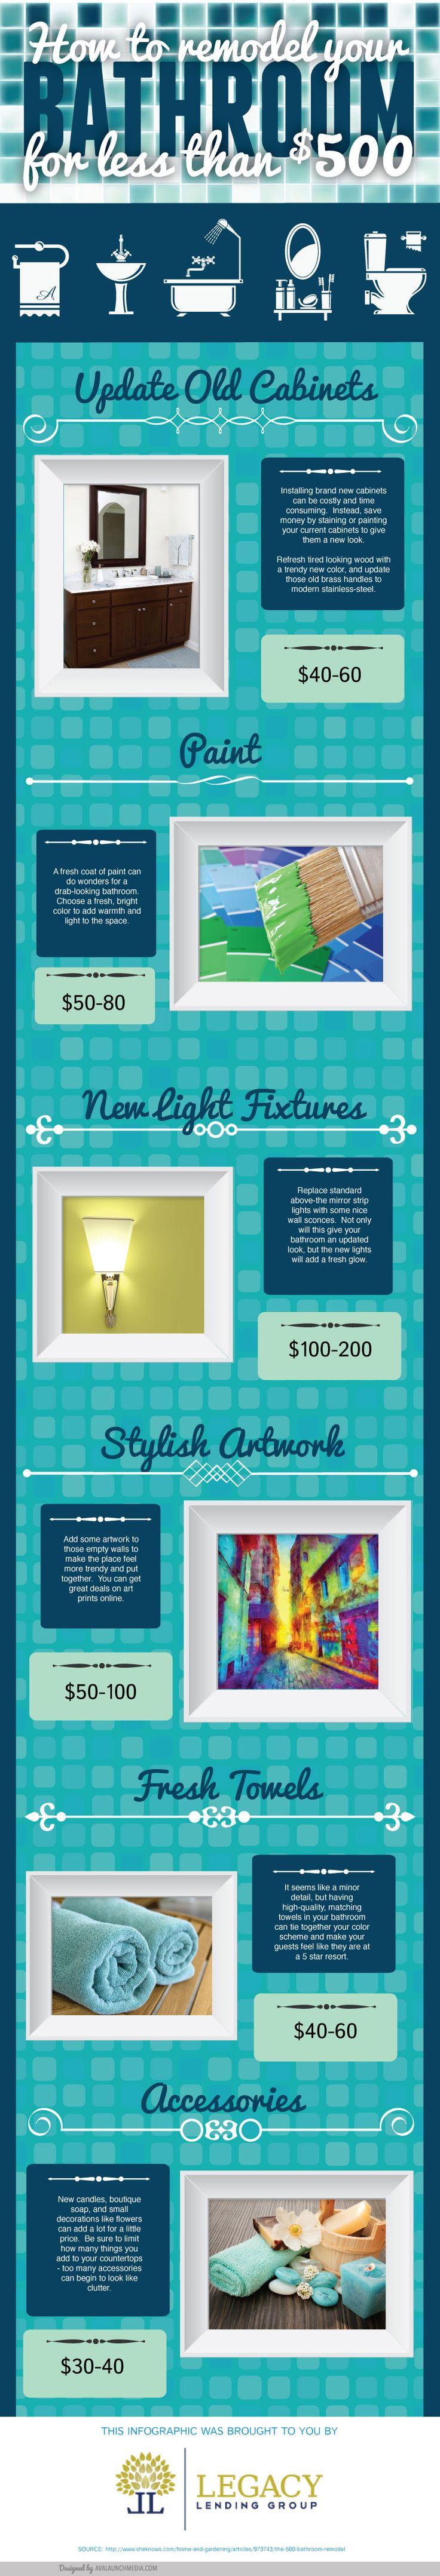 Remodel Bathroom For Under 500 146 best home decor images on pinterest